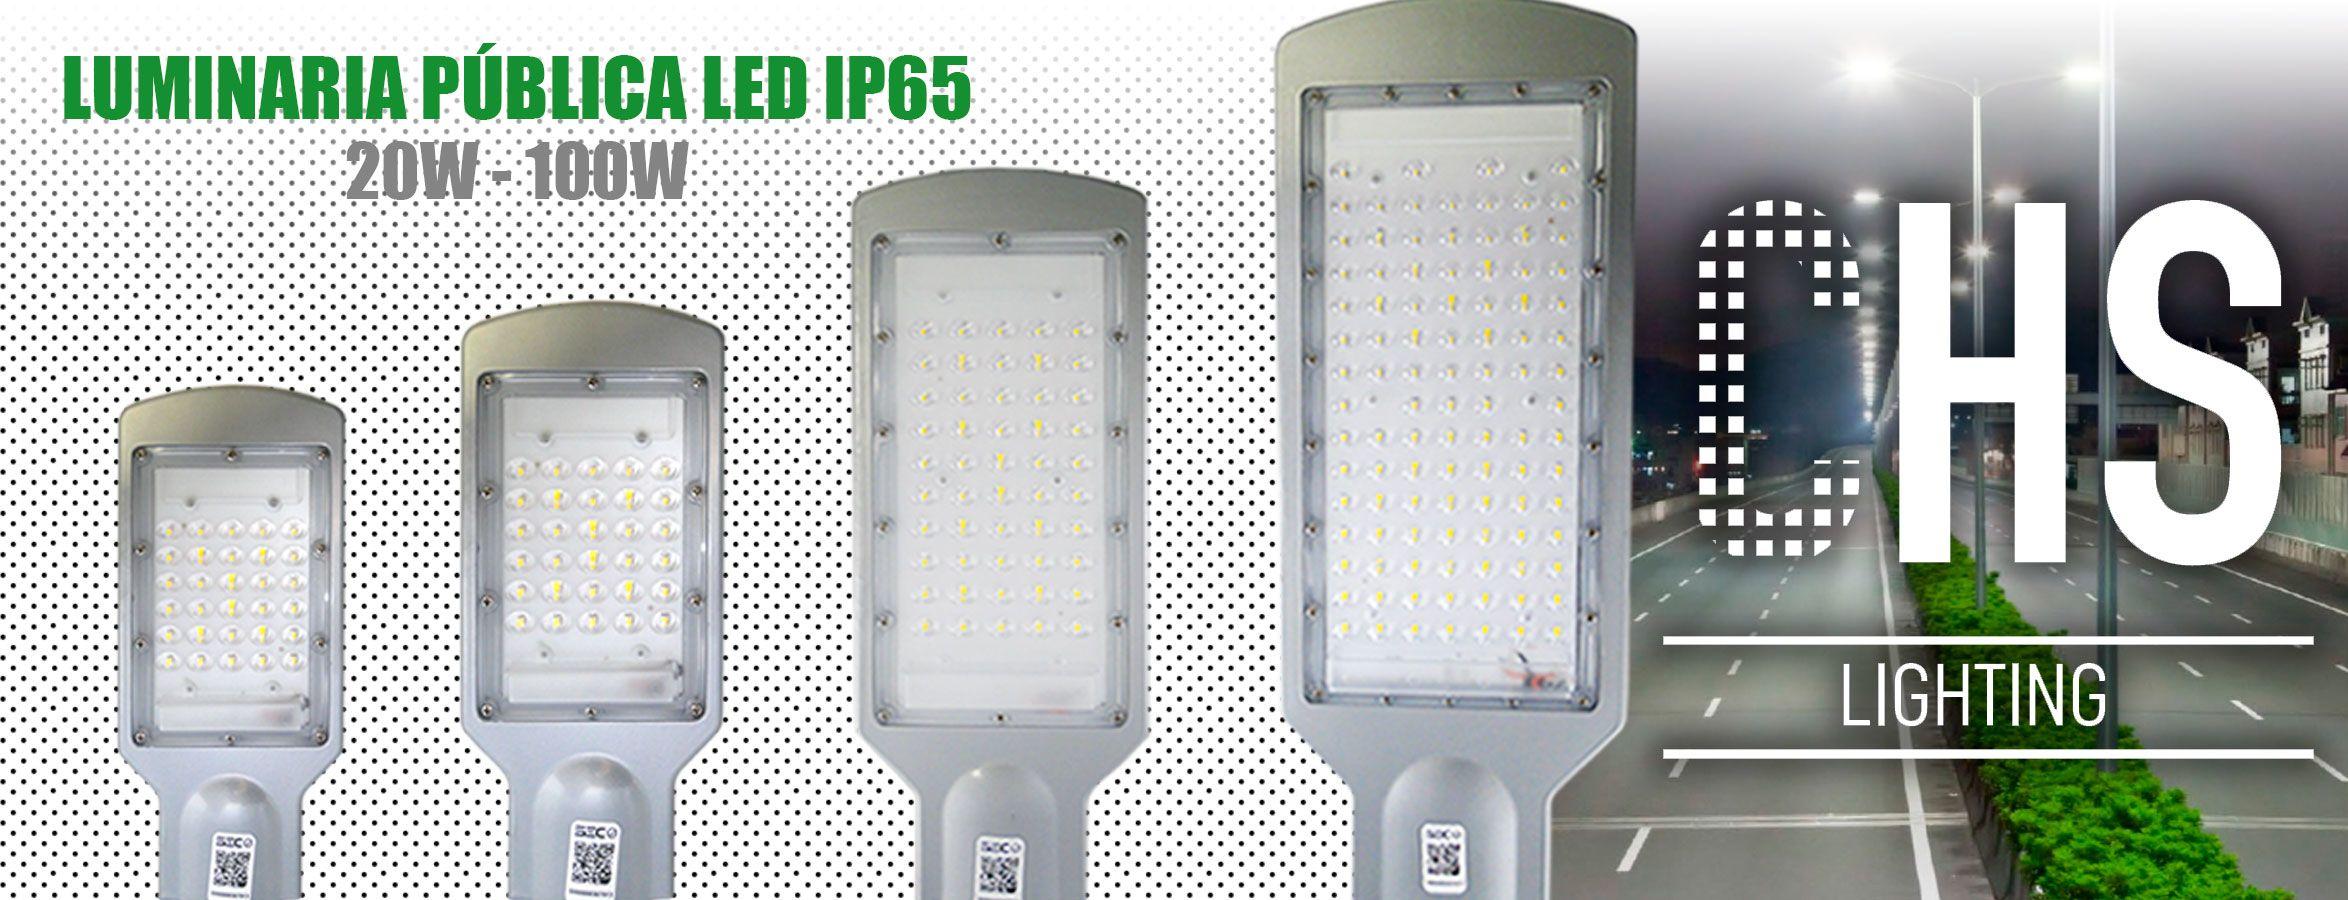 Luminaria Pública LED CHS